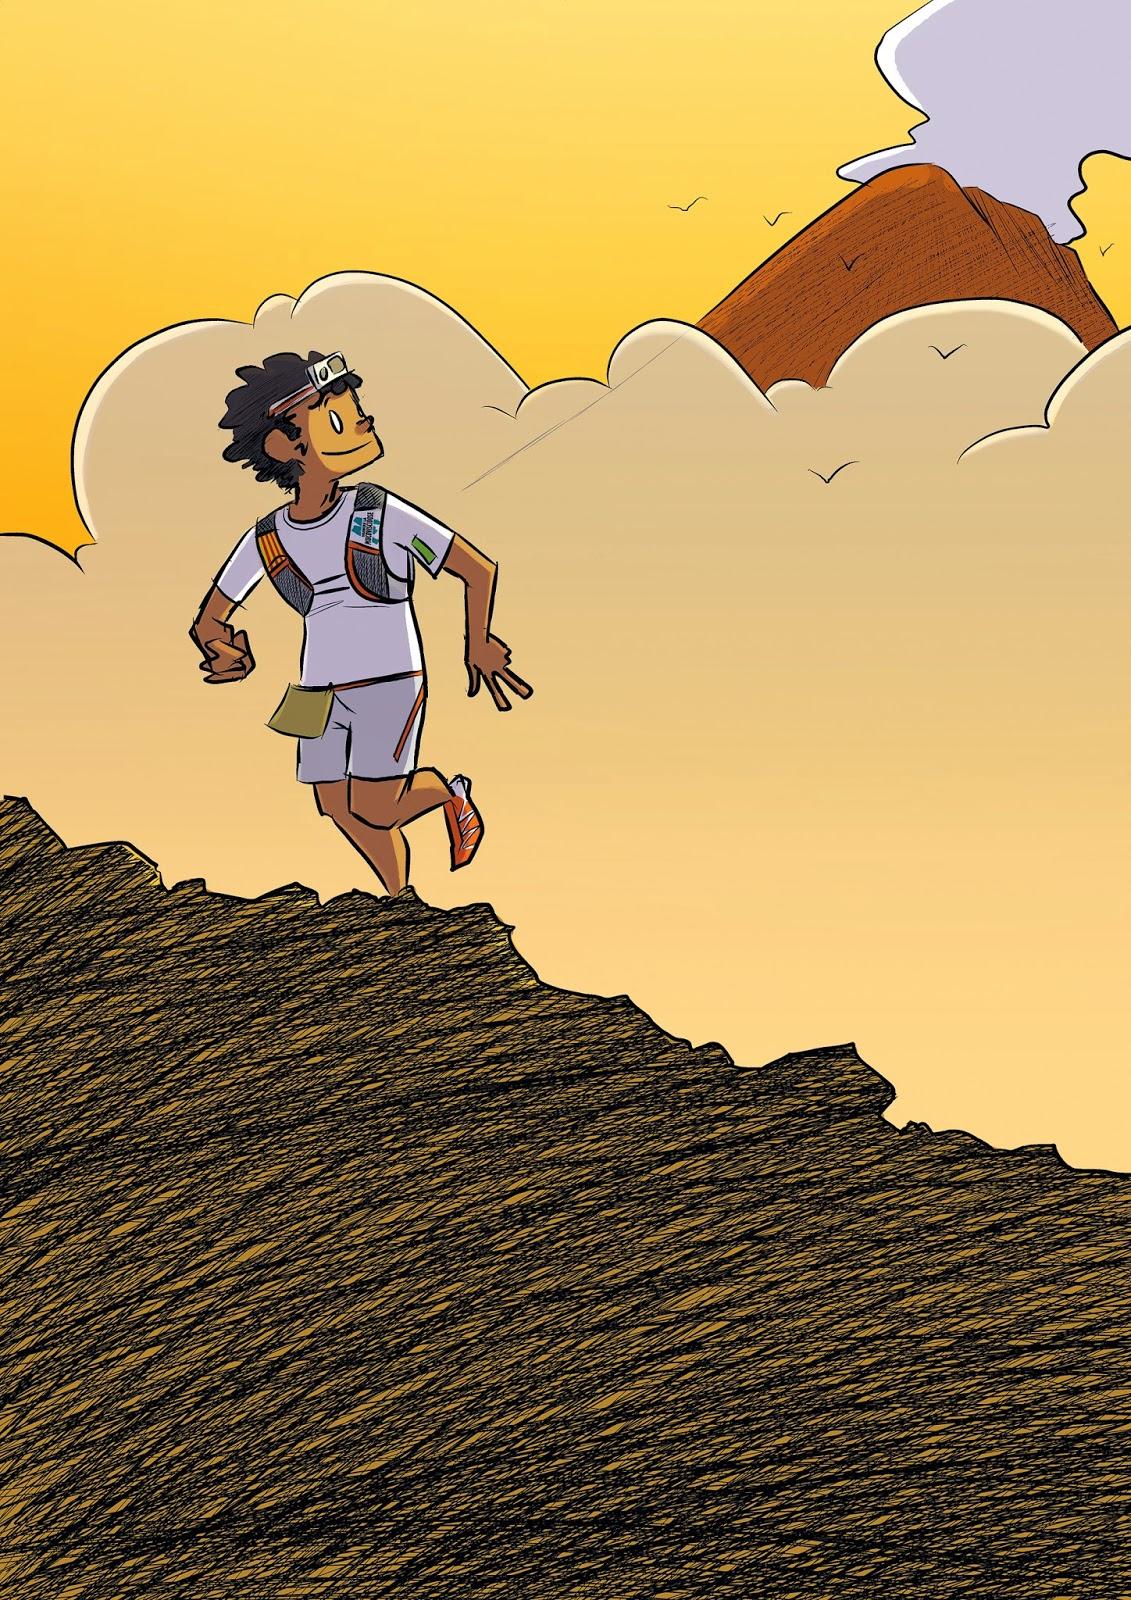 Mat running field des bosses et des bulles le trail en dessin - Coureur dessin ...